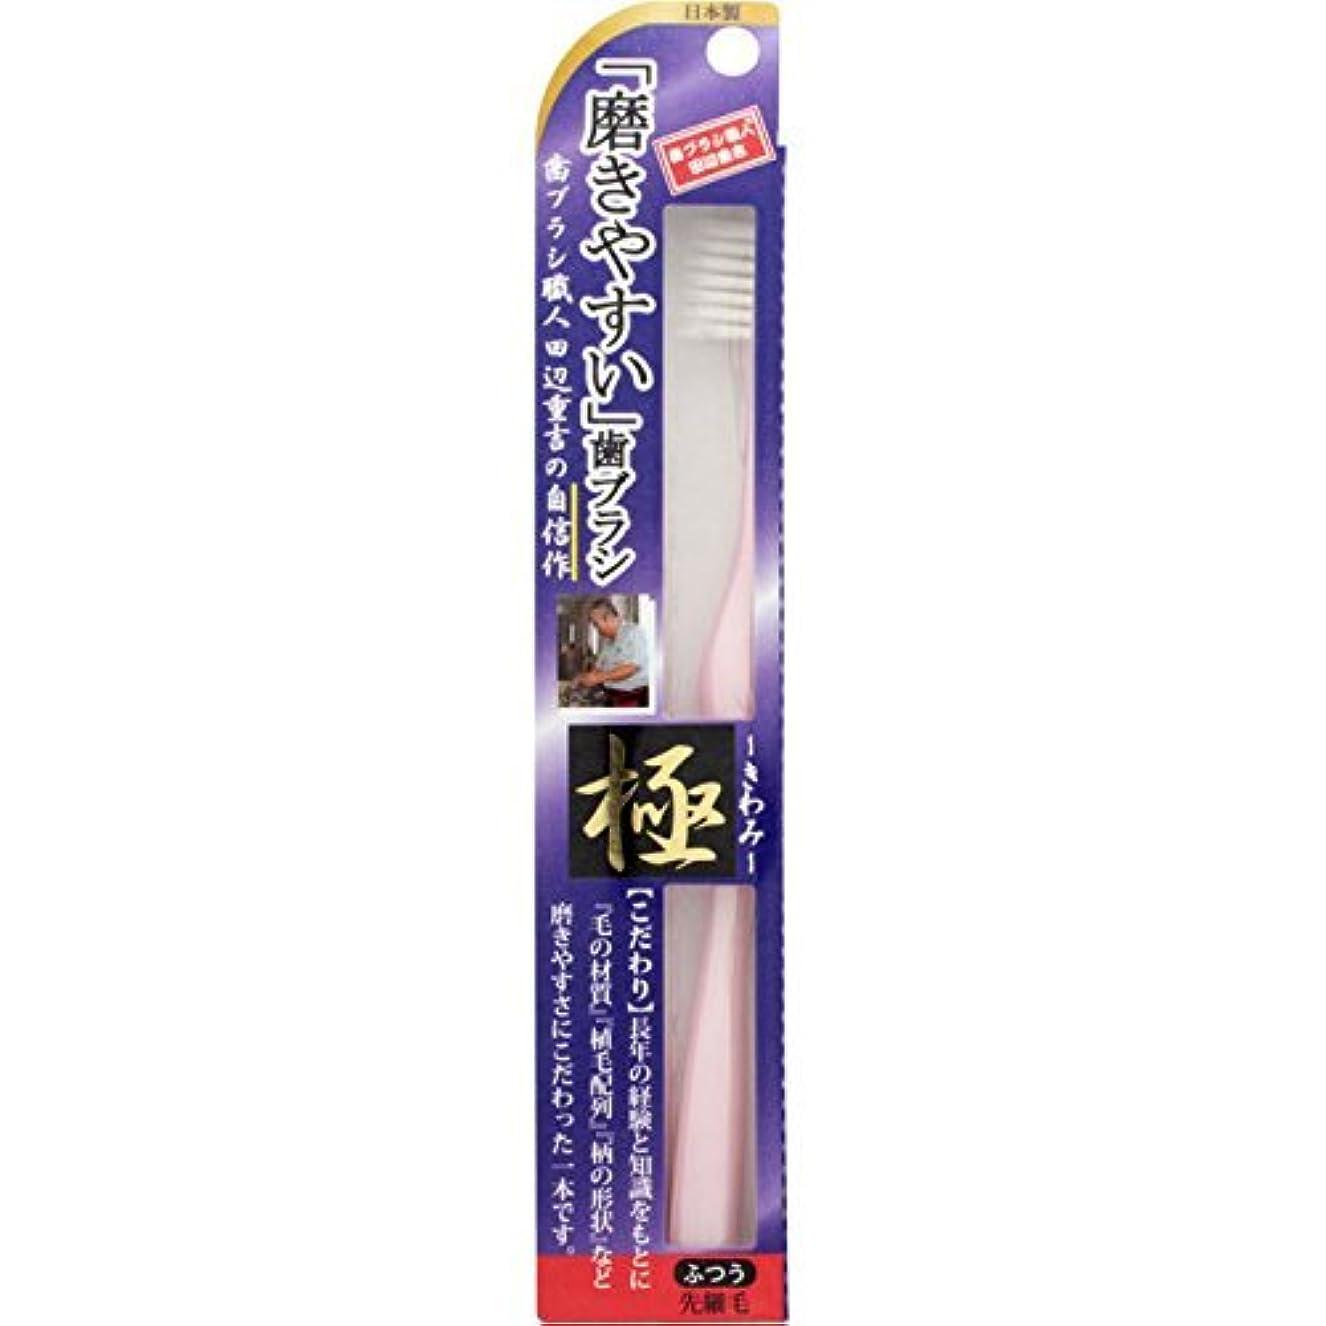 クレーター認証クリーナー【まとめ買い】磨きやすい歯ブラシ 極 LT-22 ×2個